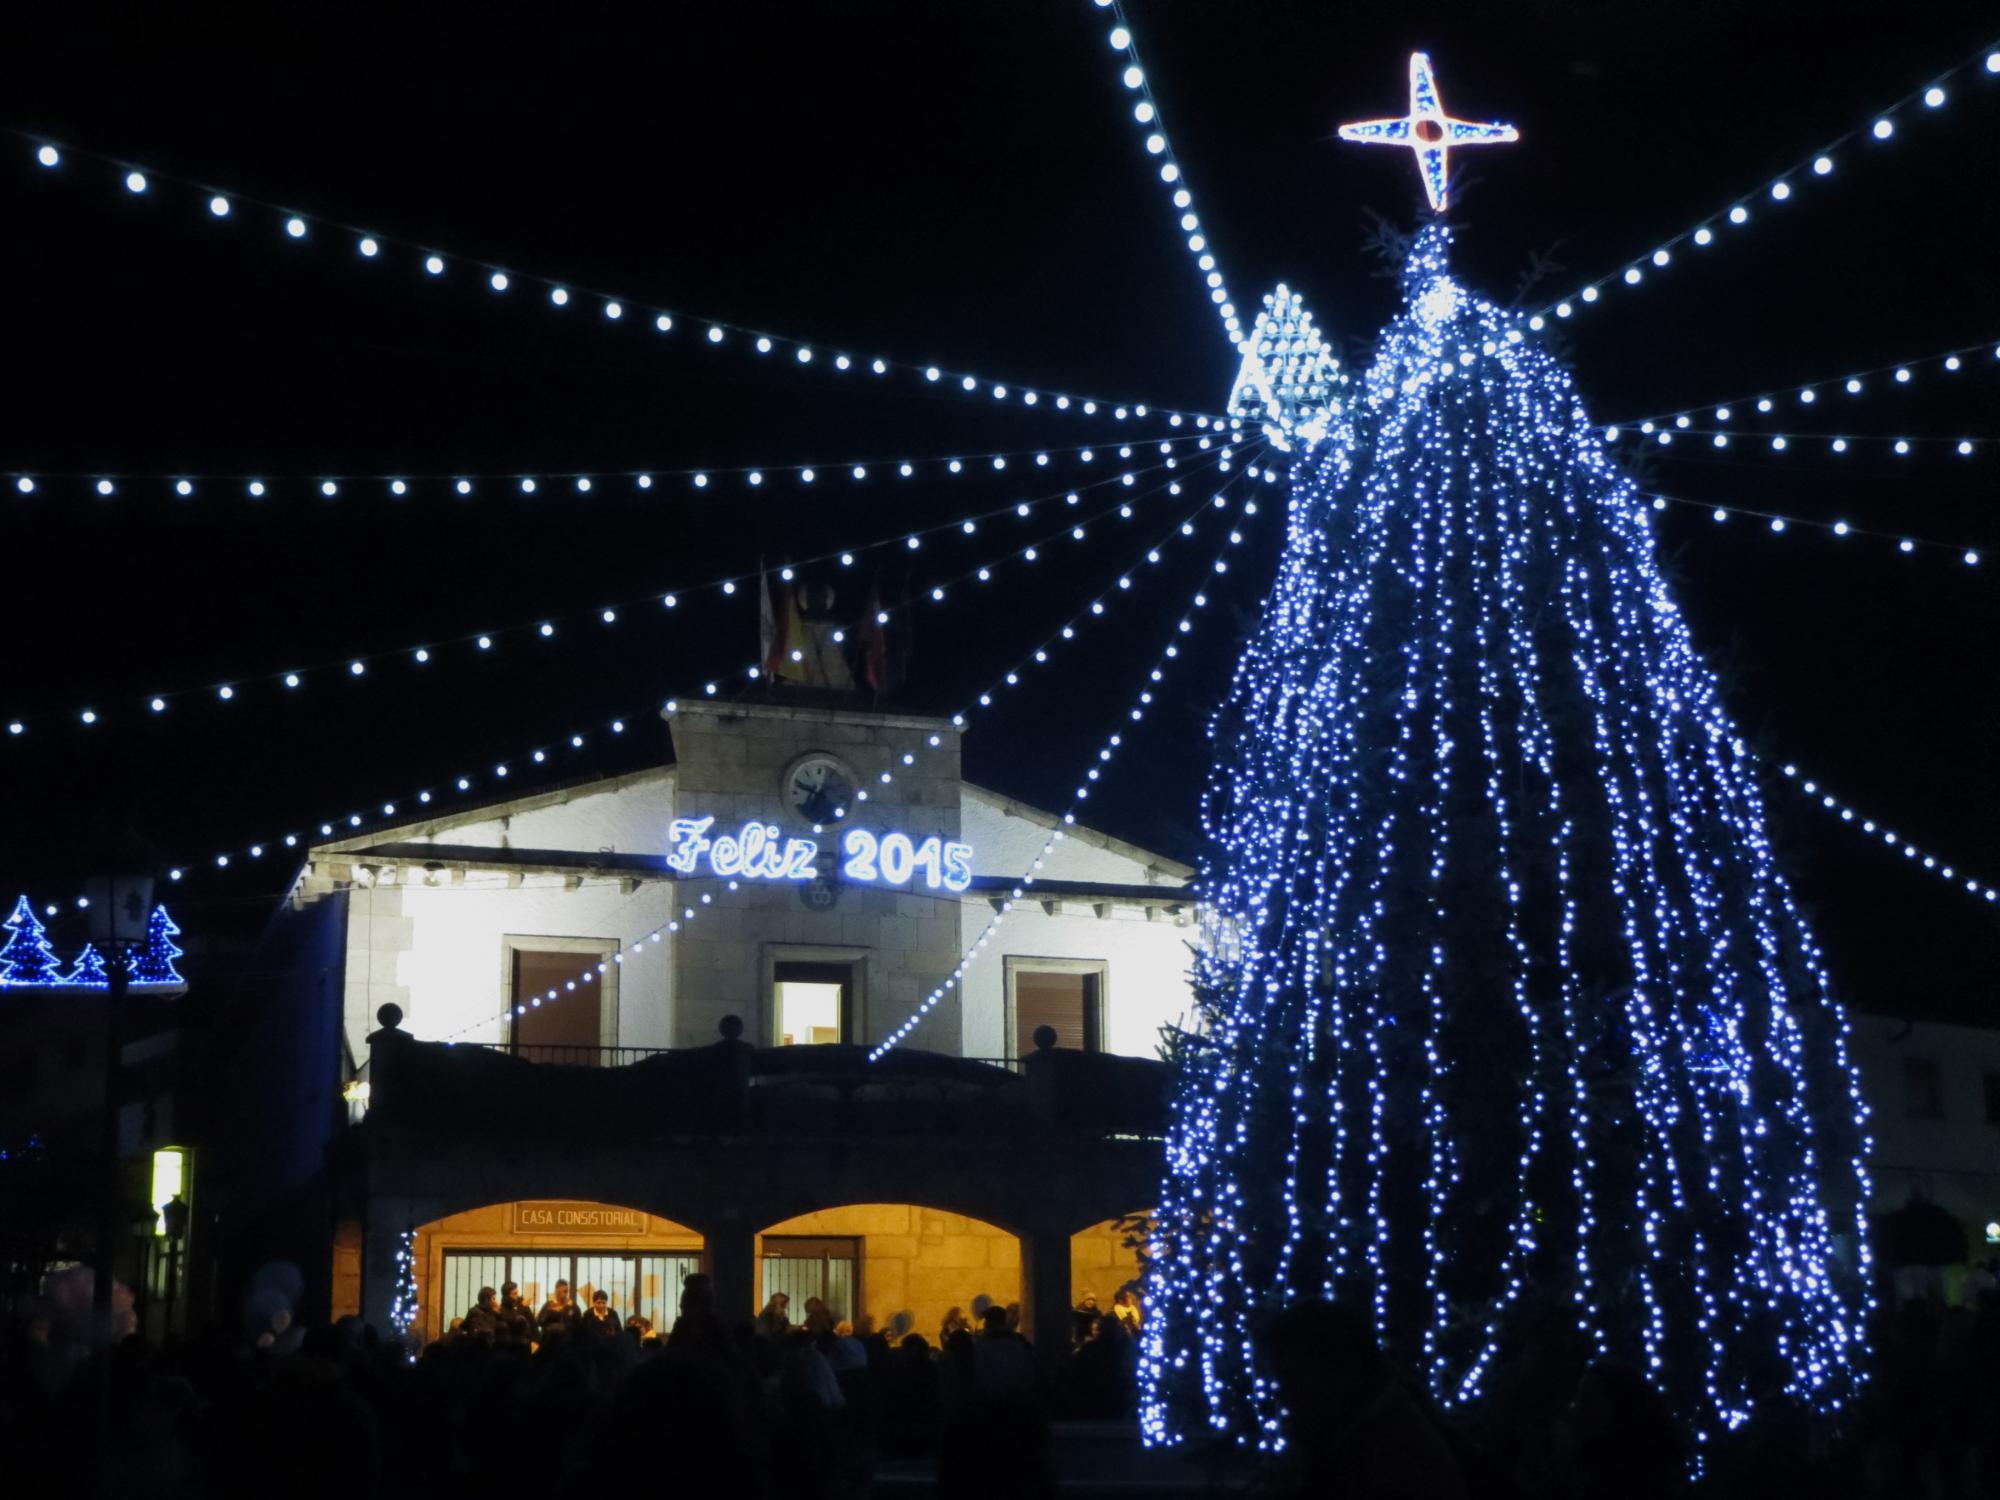 Galapagar ofrece una completa agenda para estas navidades 2014-15